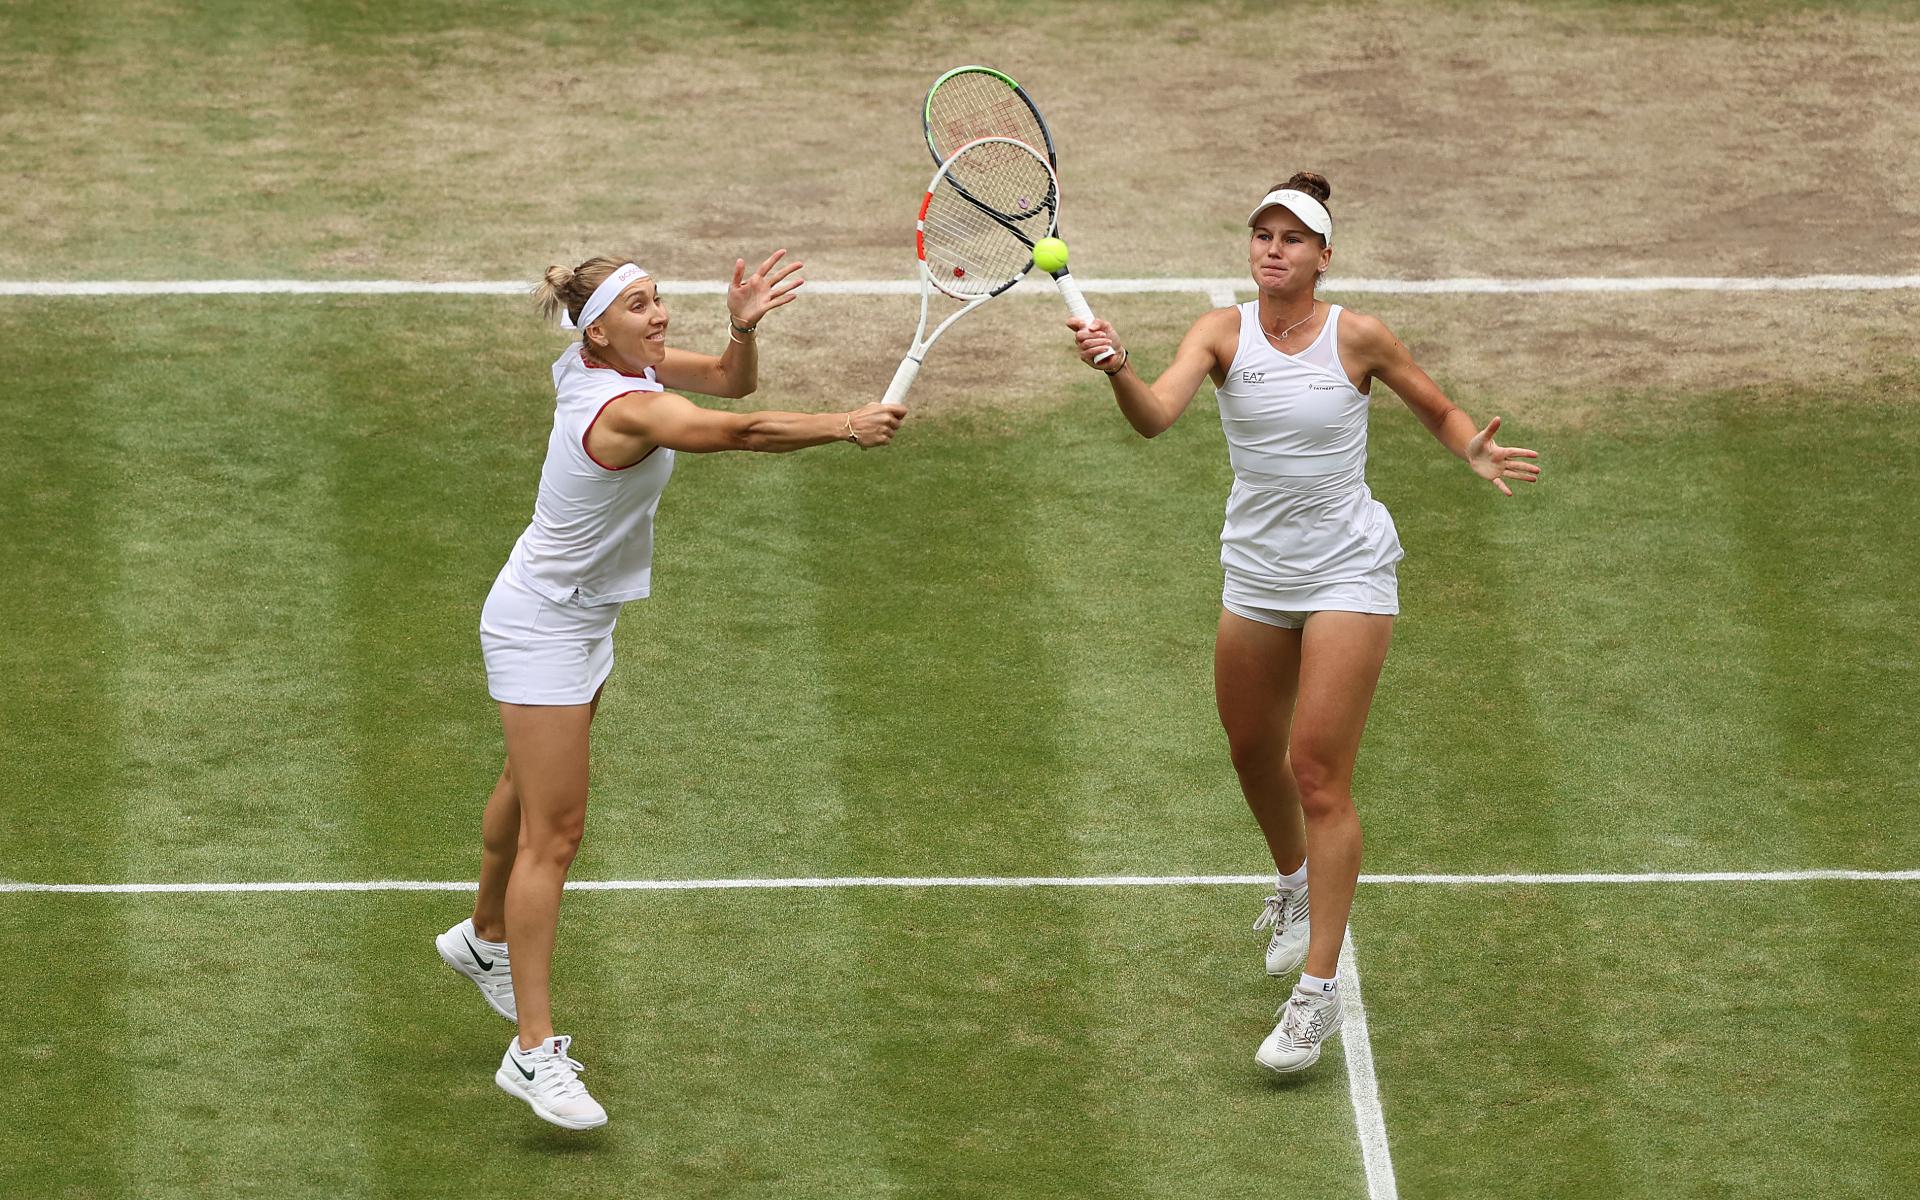 Фото: Елена Веснина и Вероника Кудерметова (Clive Brunskill/Getty Images)